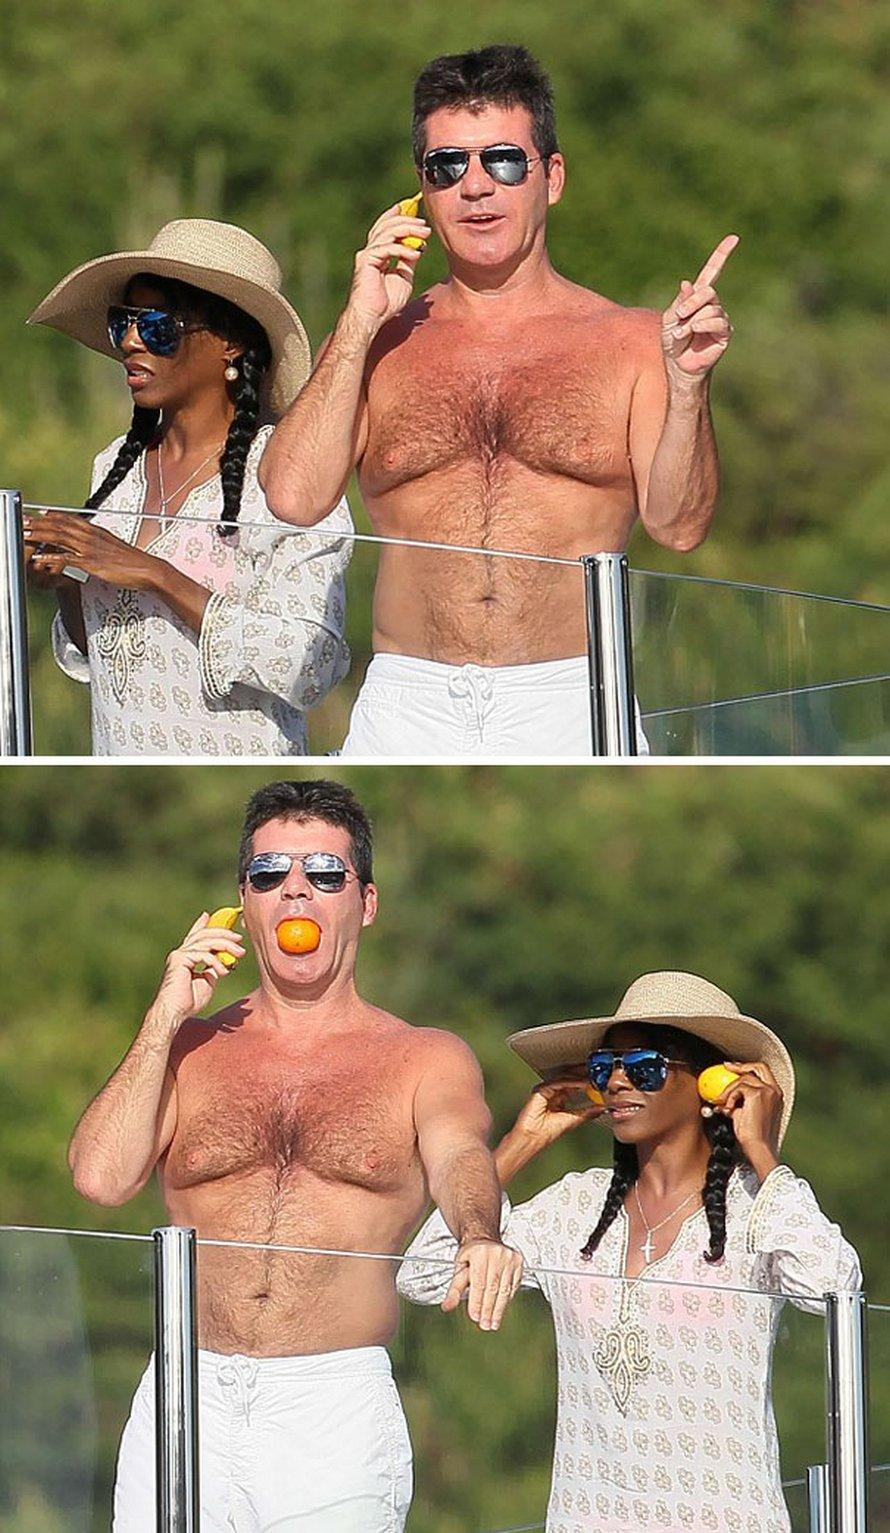 Voici les meilleures réactions de célébrités aux paparazzi qui n'arrêtent pas de les suivre